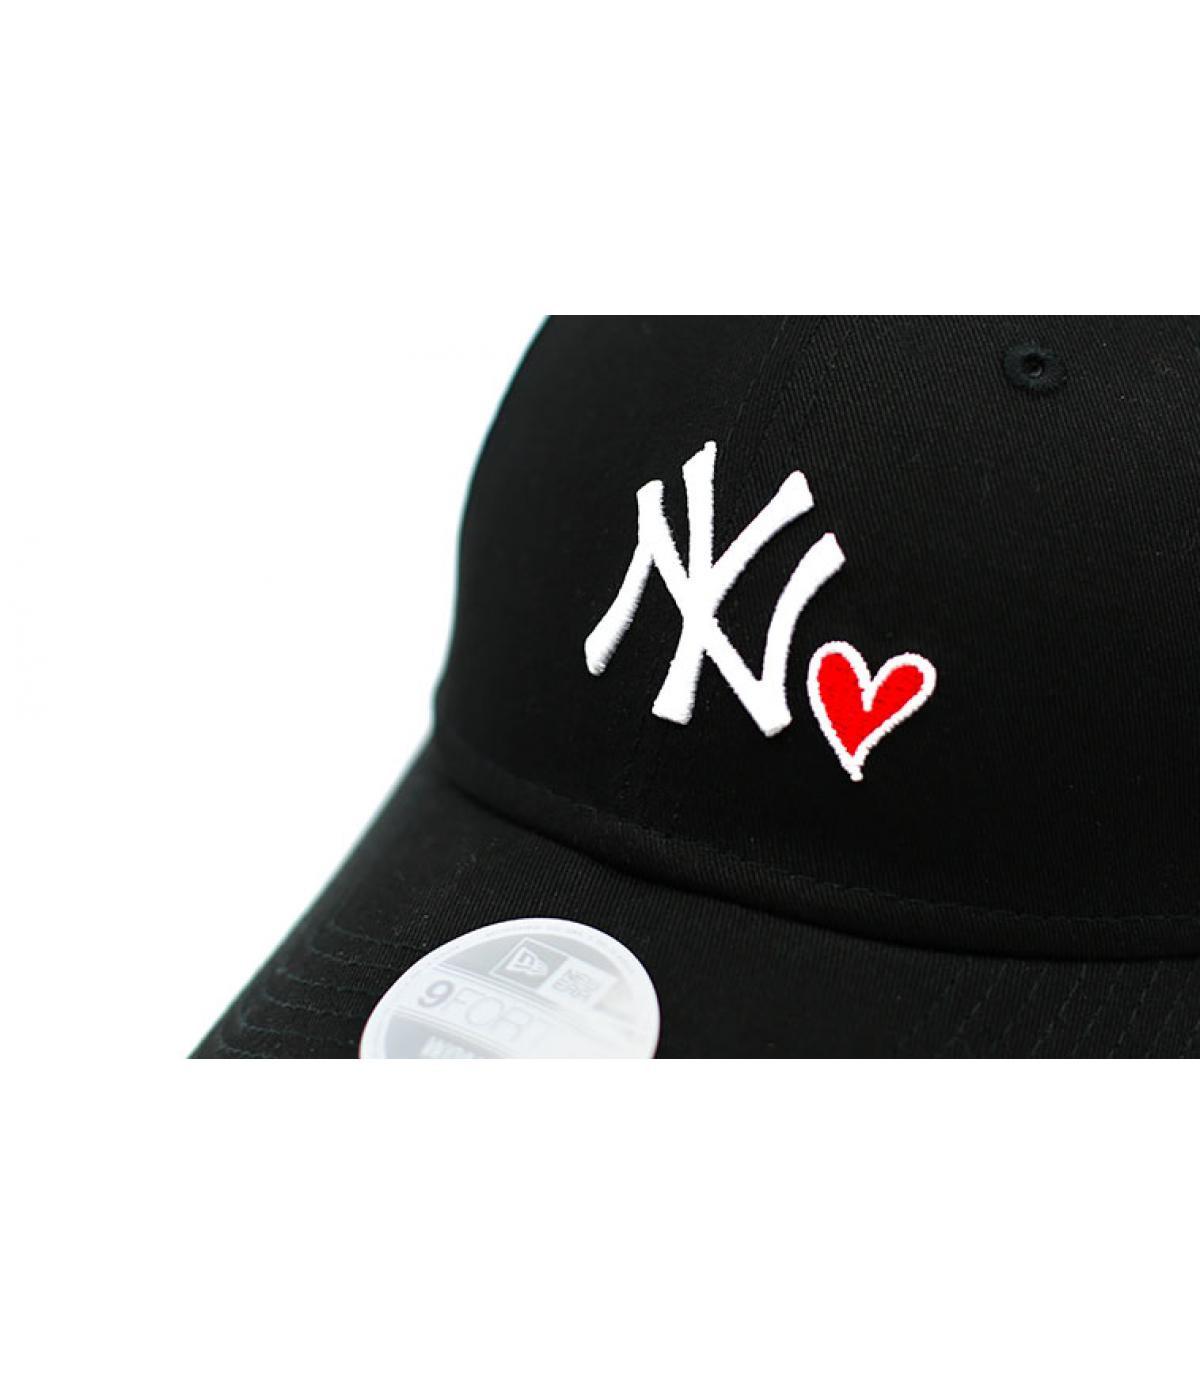 Details Cap Wmns Heart NY 940 black - Abbildung 3